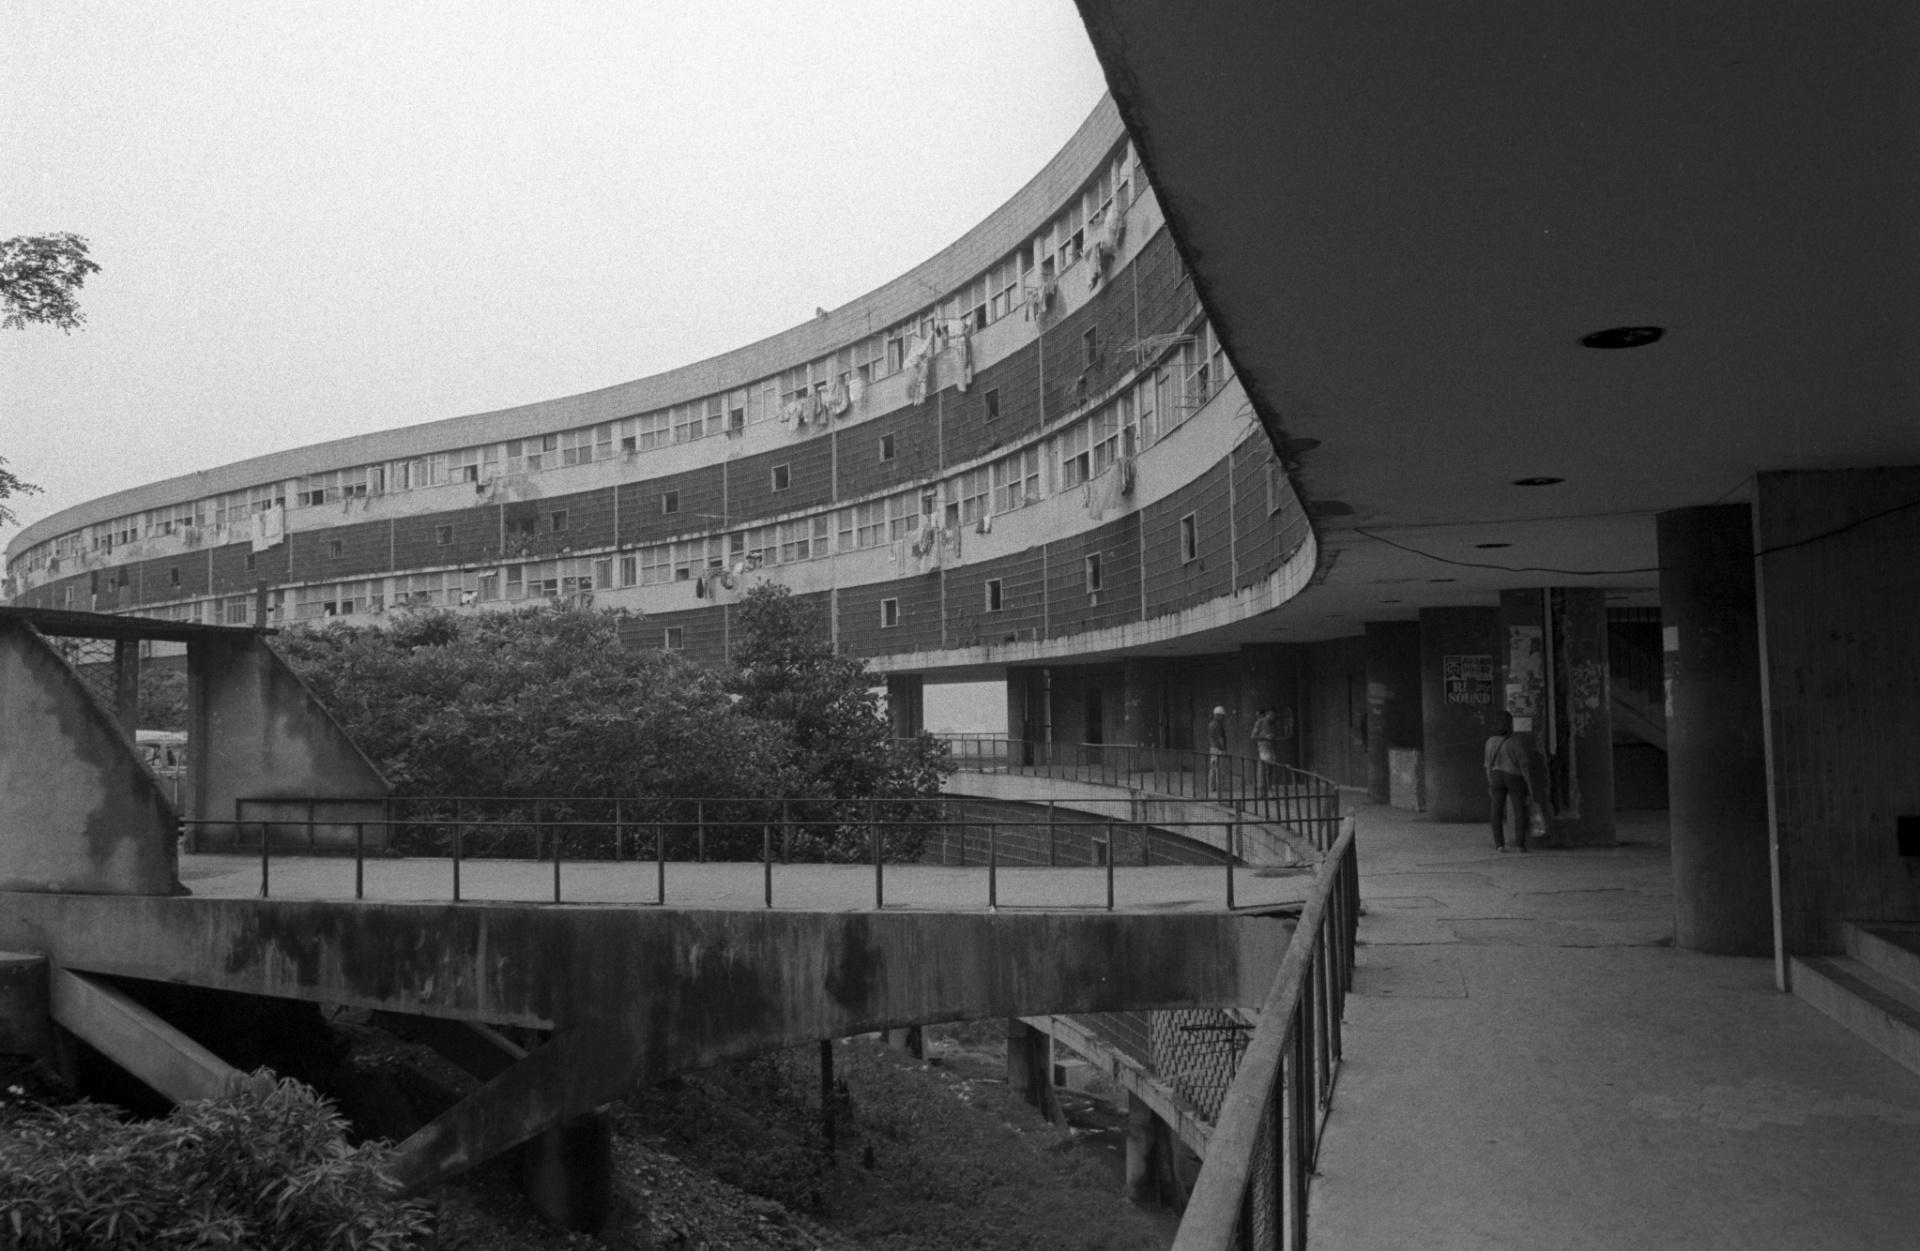 30.dez.1986 - Décadas após a conclusão da construção do conjunto habitacional Prefeito Mendes de Moraes, mais conhecido como Pedregulho, em 1952, o edifício sofreu com deterioração e falta de manutenção